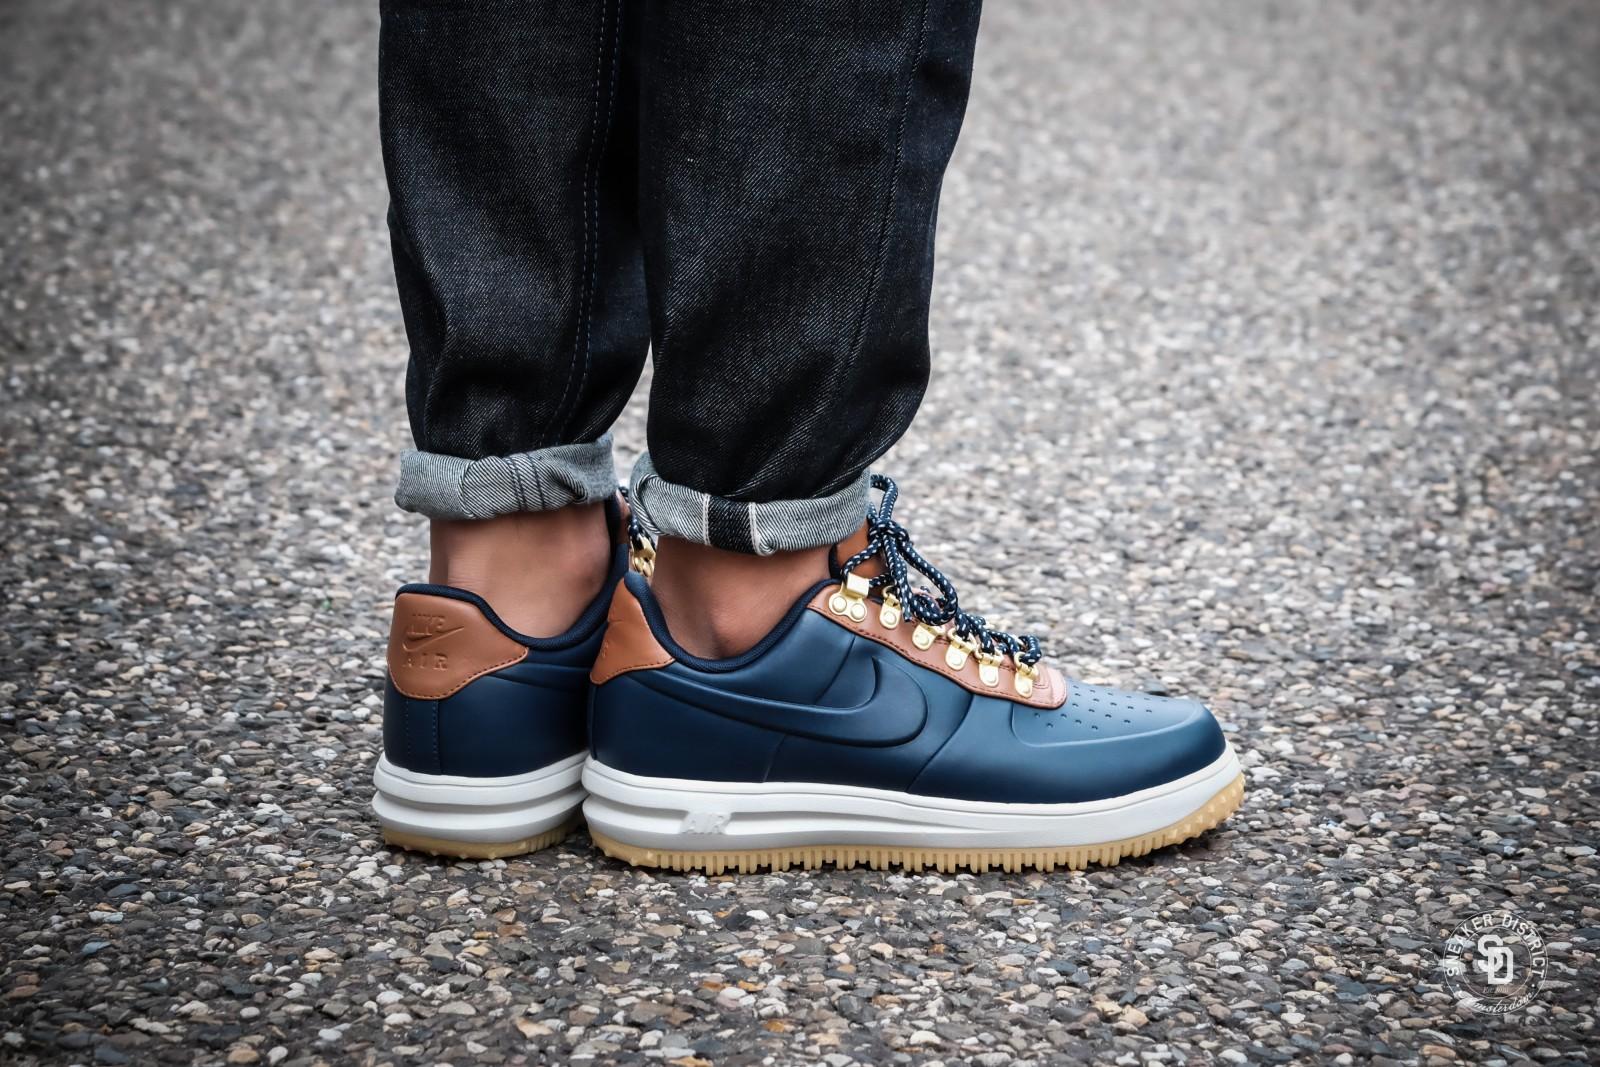 Nike Lunar Force 1 Low Duckboot ObsidianSaddle Brown sneakers | Online sneaker store | Sneaker District